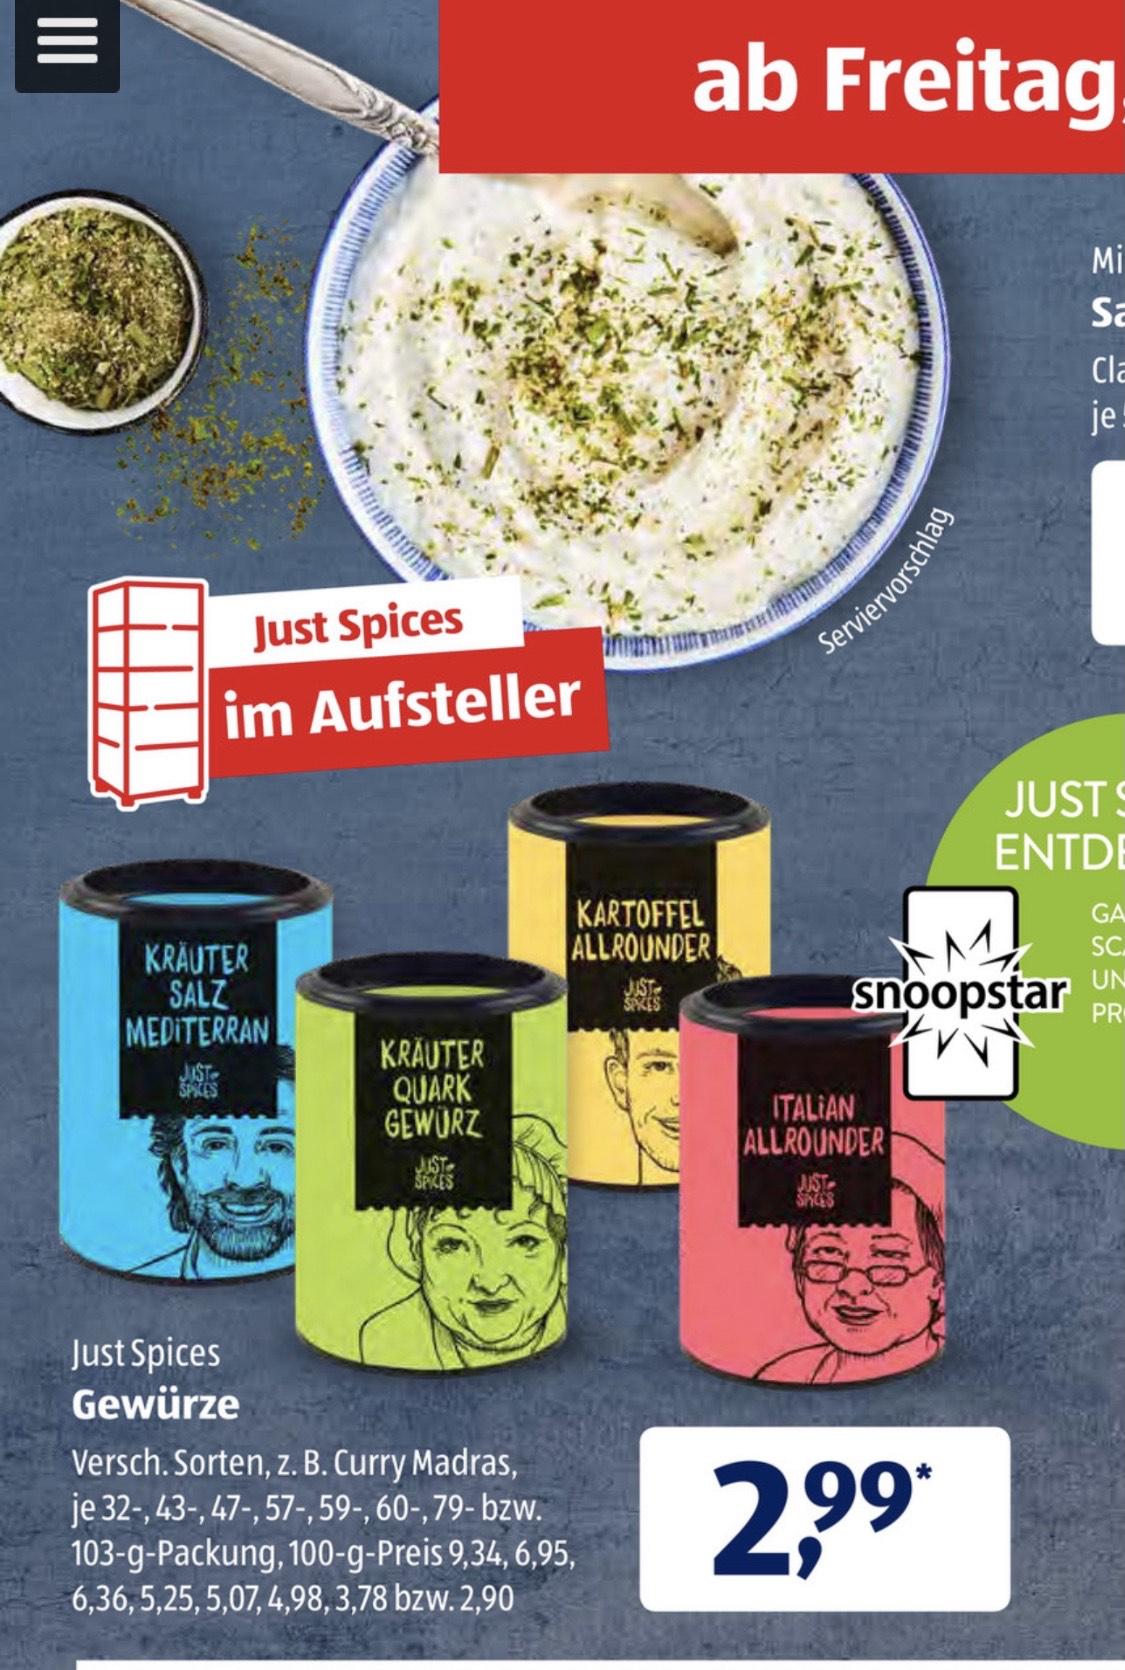 Just Spices Gewürze bei Aldi Süd (ab 25.6)